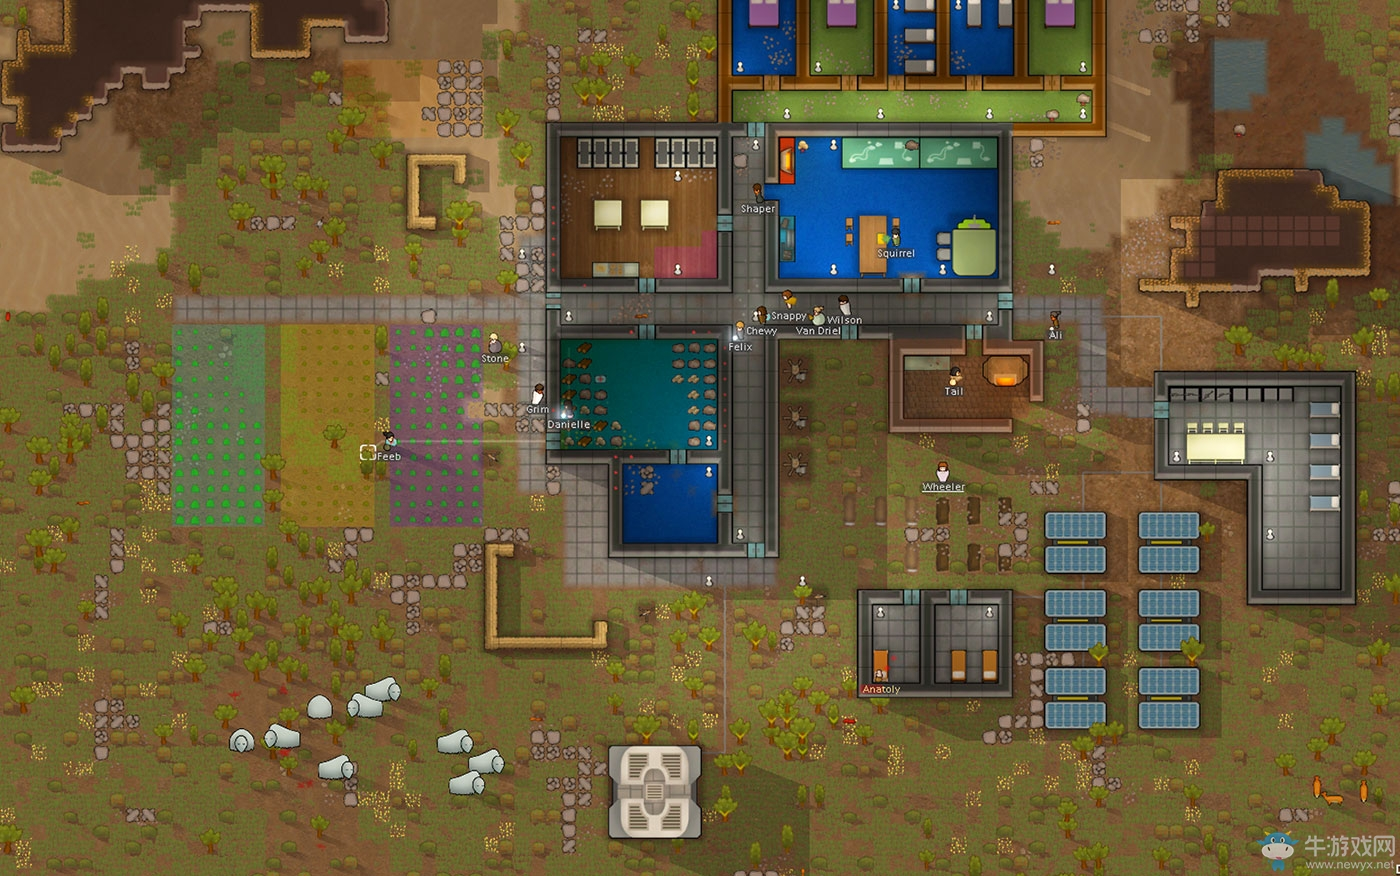 《环世界》开局玩法教学解说视频攻略